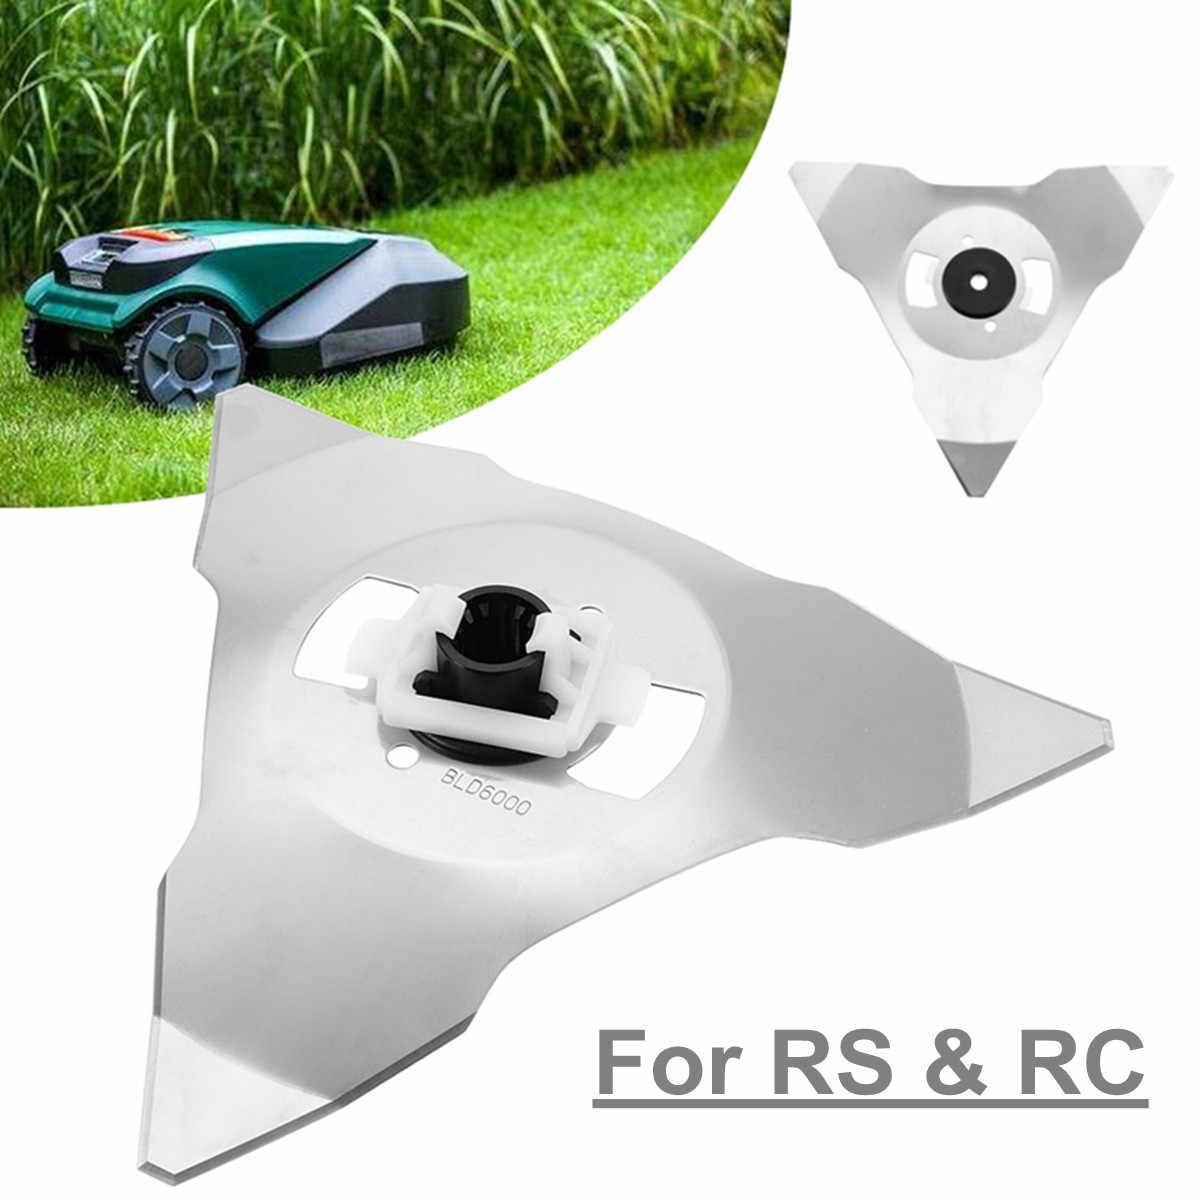 Сменные лопасти для RS RC моделей косилок садовая газонокосилка запчасти резак лезвие триммер садовый электротриммер аксессуары